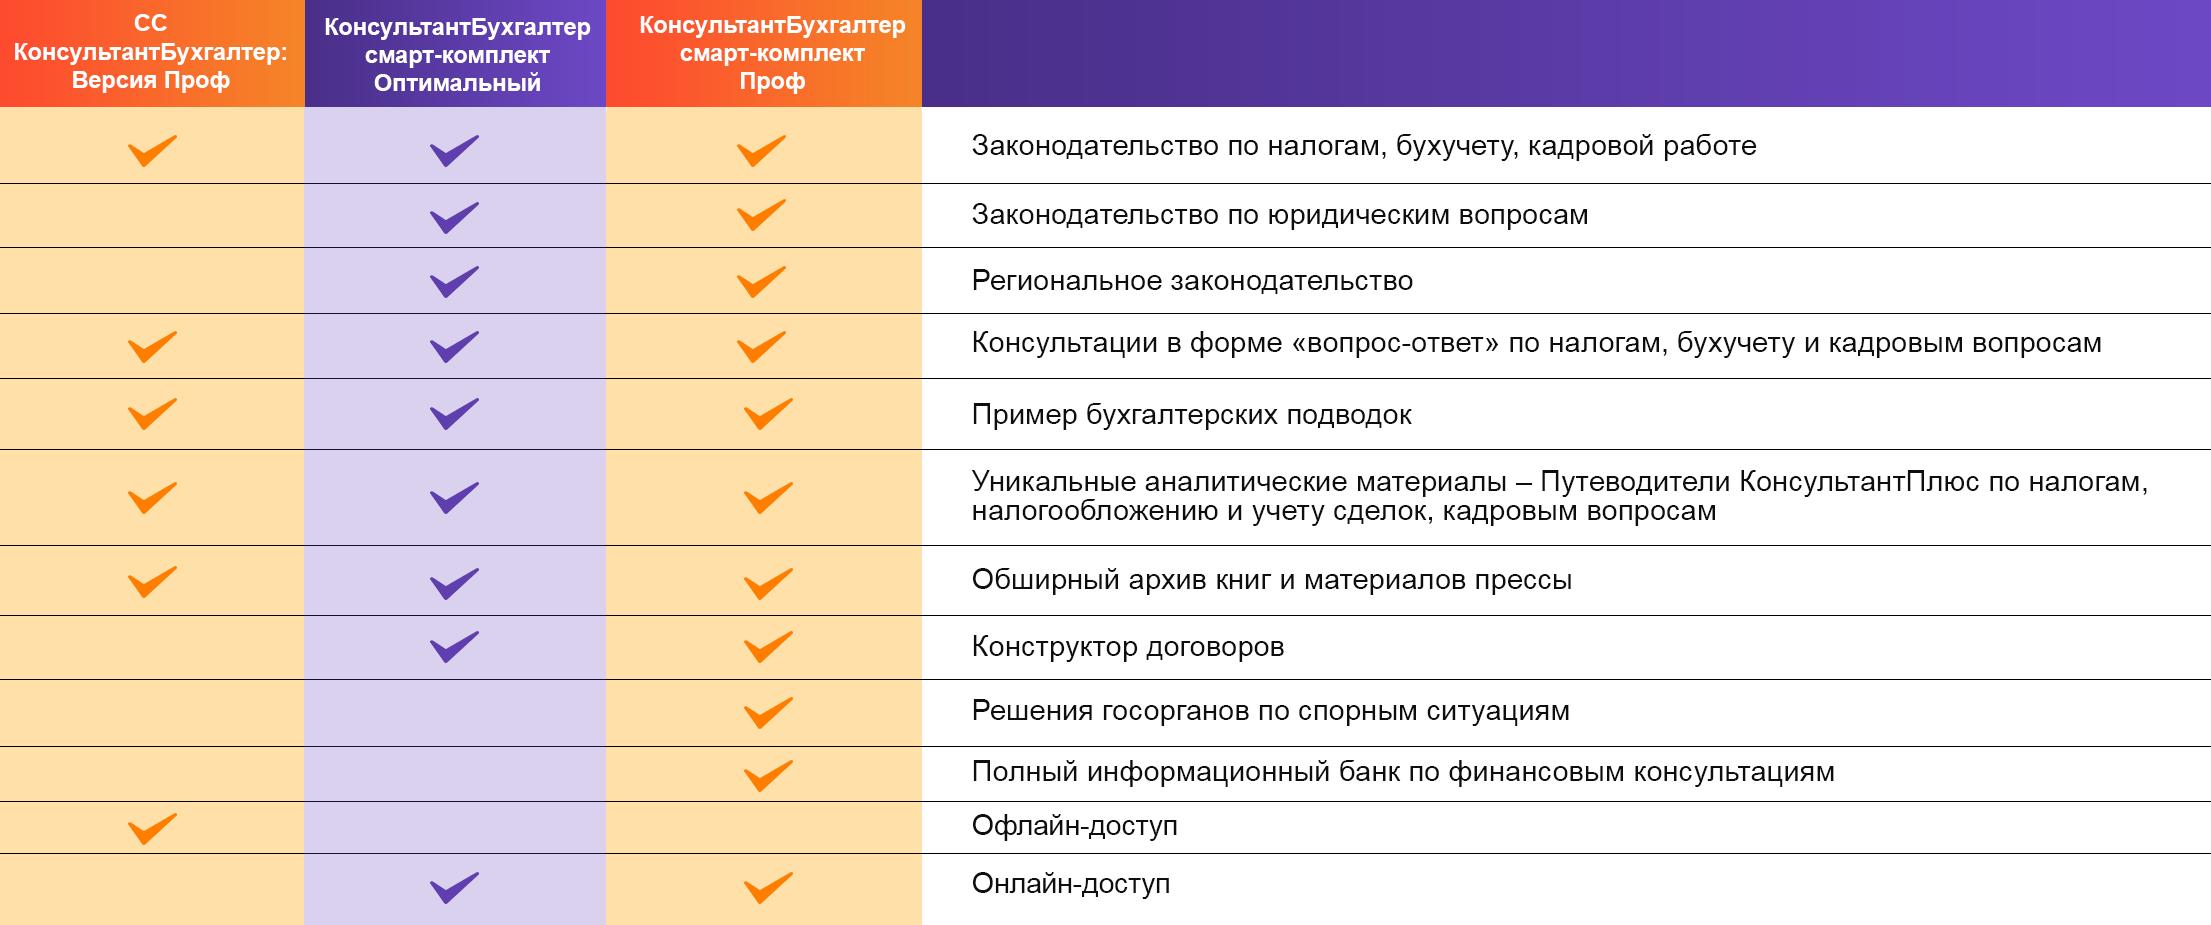 Консультант плюс консультации бухгалтеров ндфл декларации 2019